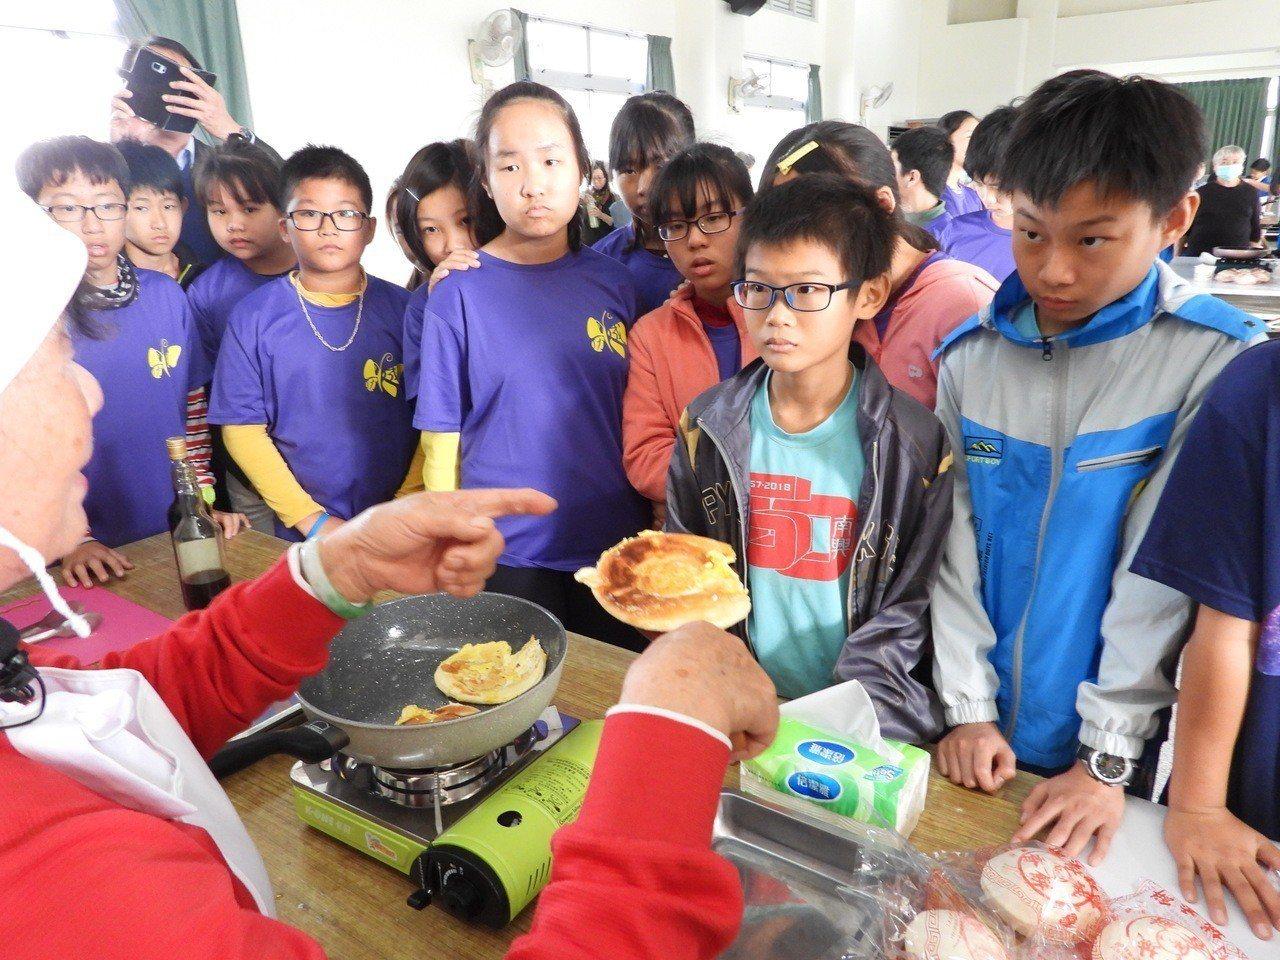 五婆示範教作麻油椪餅,小朋友專心學作。記者周宗禎/攝影